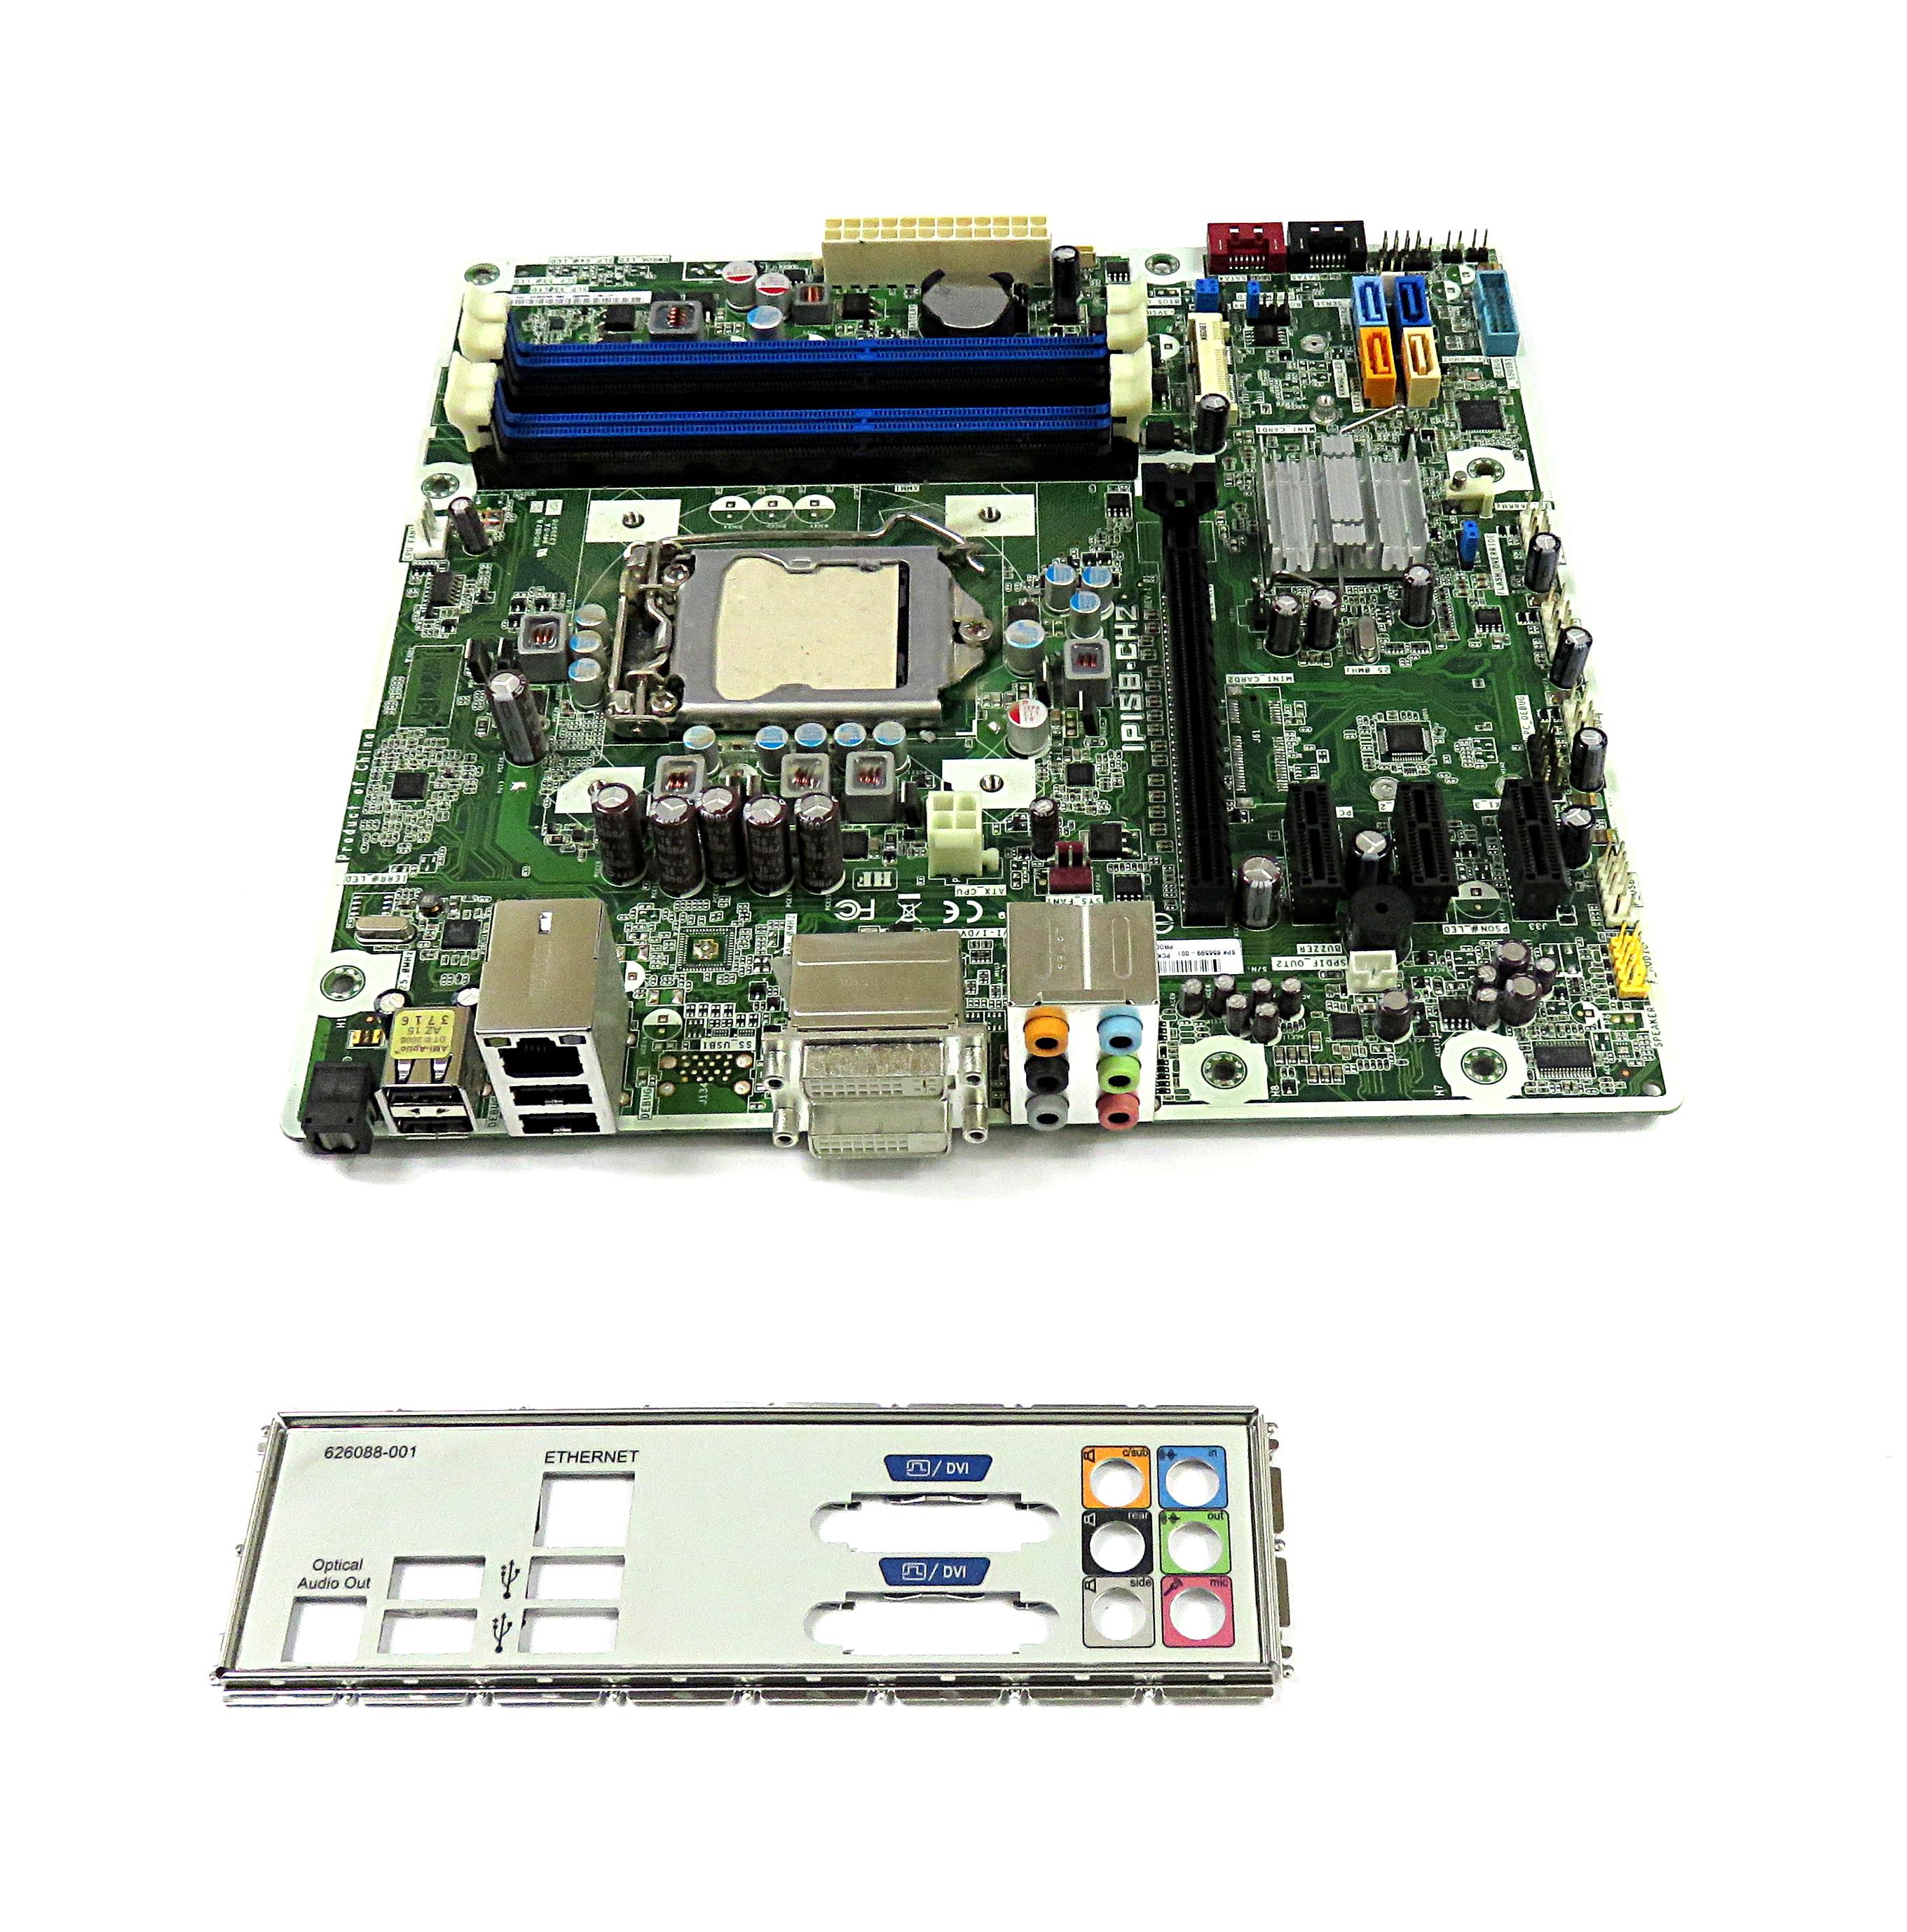 623913-001 Hewlett Packard LGA1155 Micro ATX Motherboard IPISB-CH2 Rev:1.01